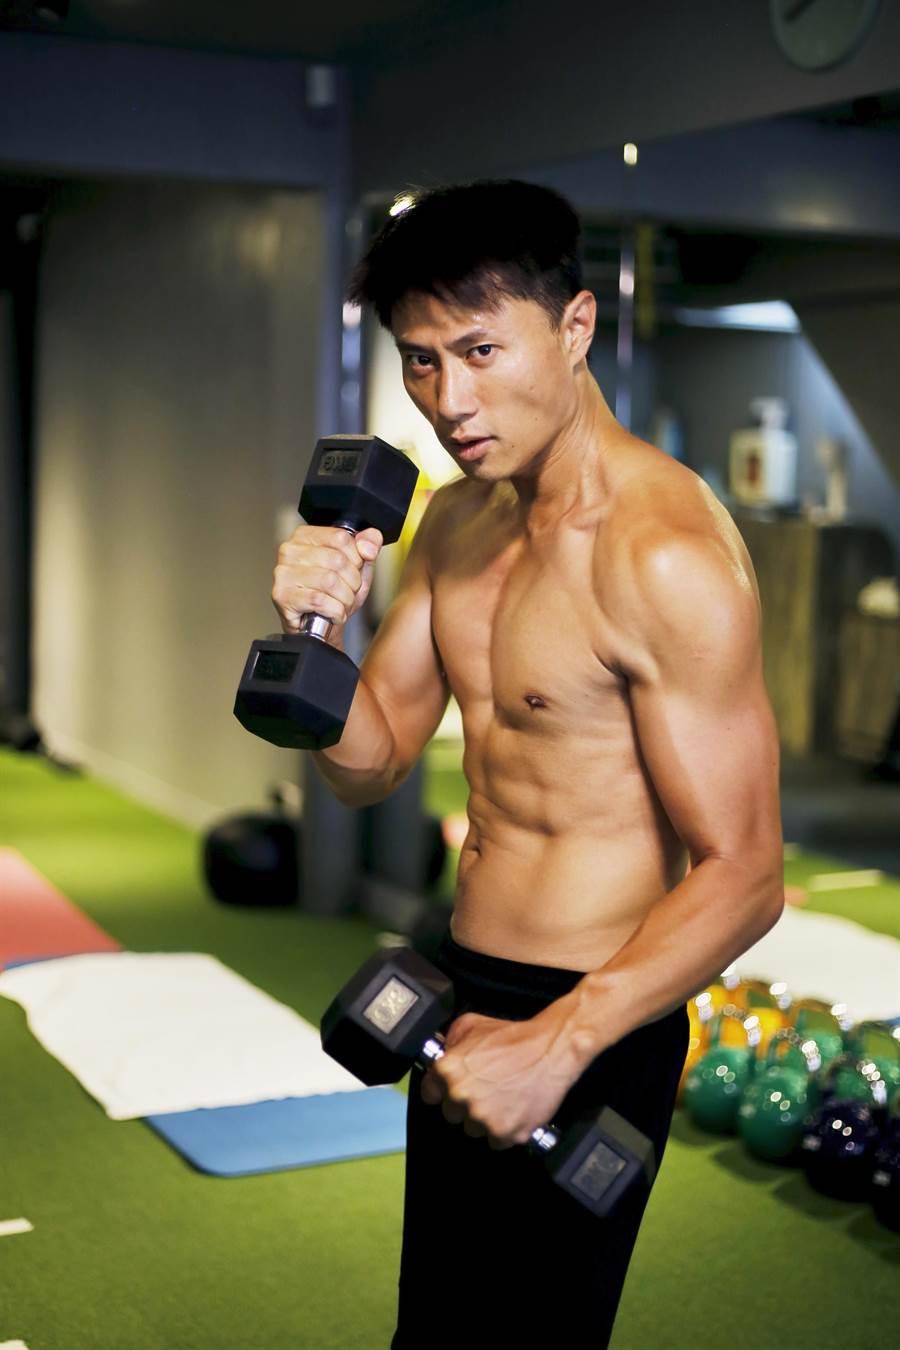 小刀近期正在進行增肌減脂健身計畫。(量能文創提供)